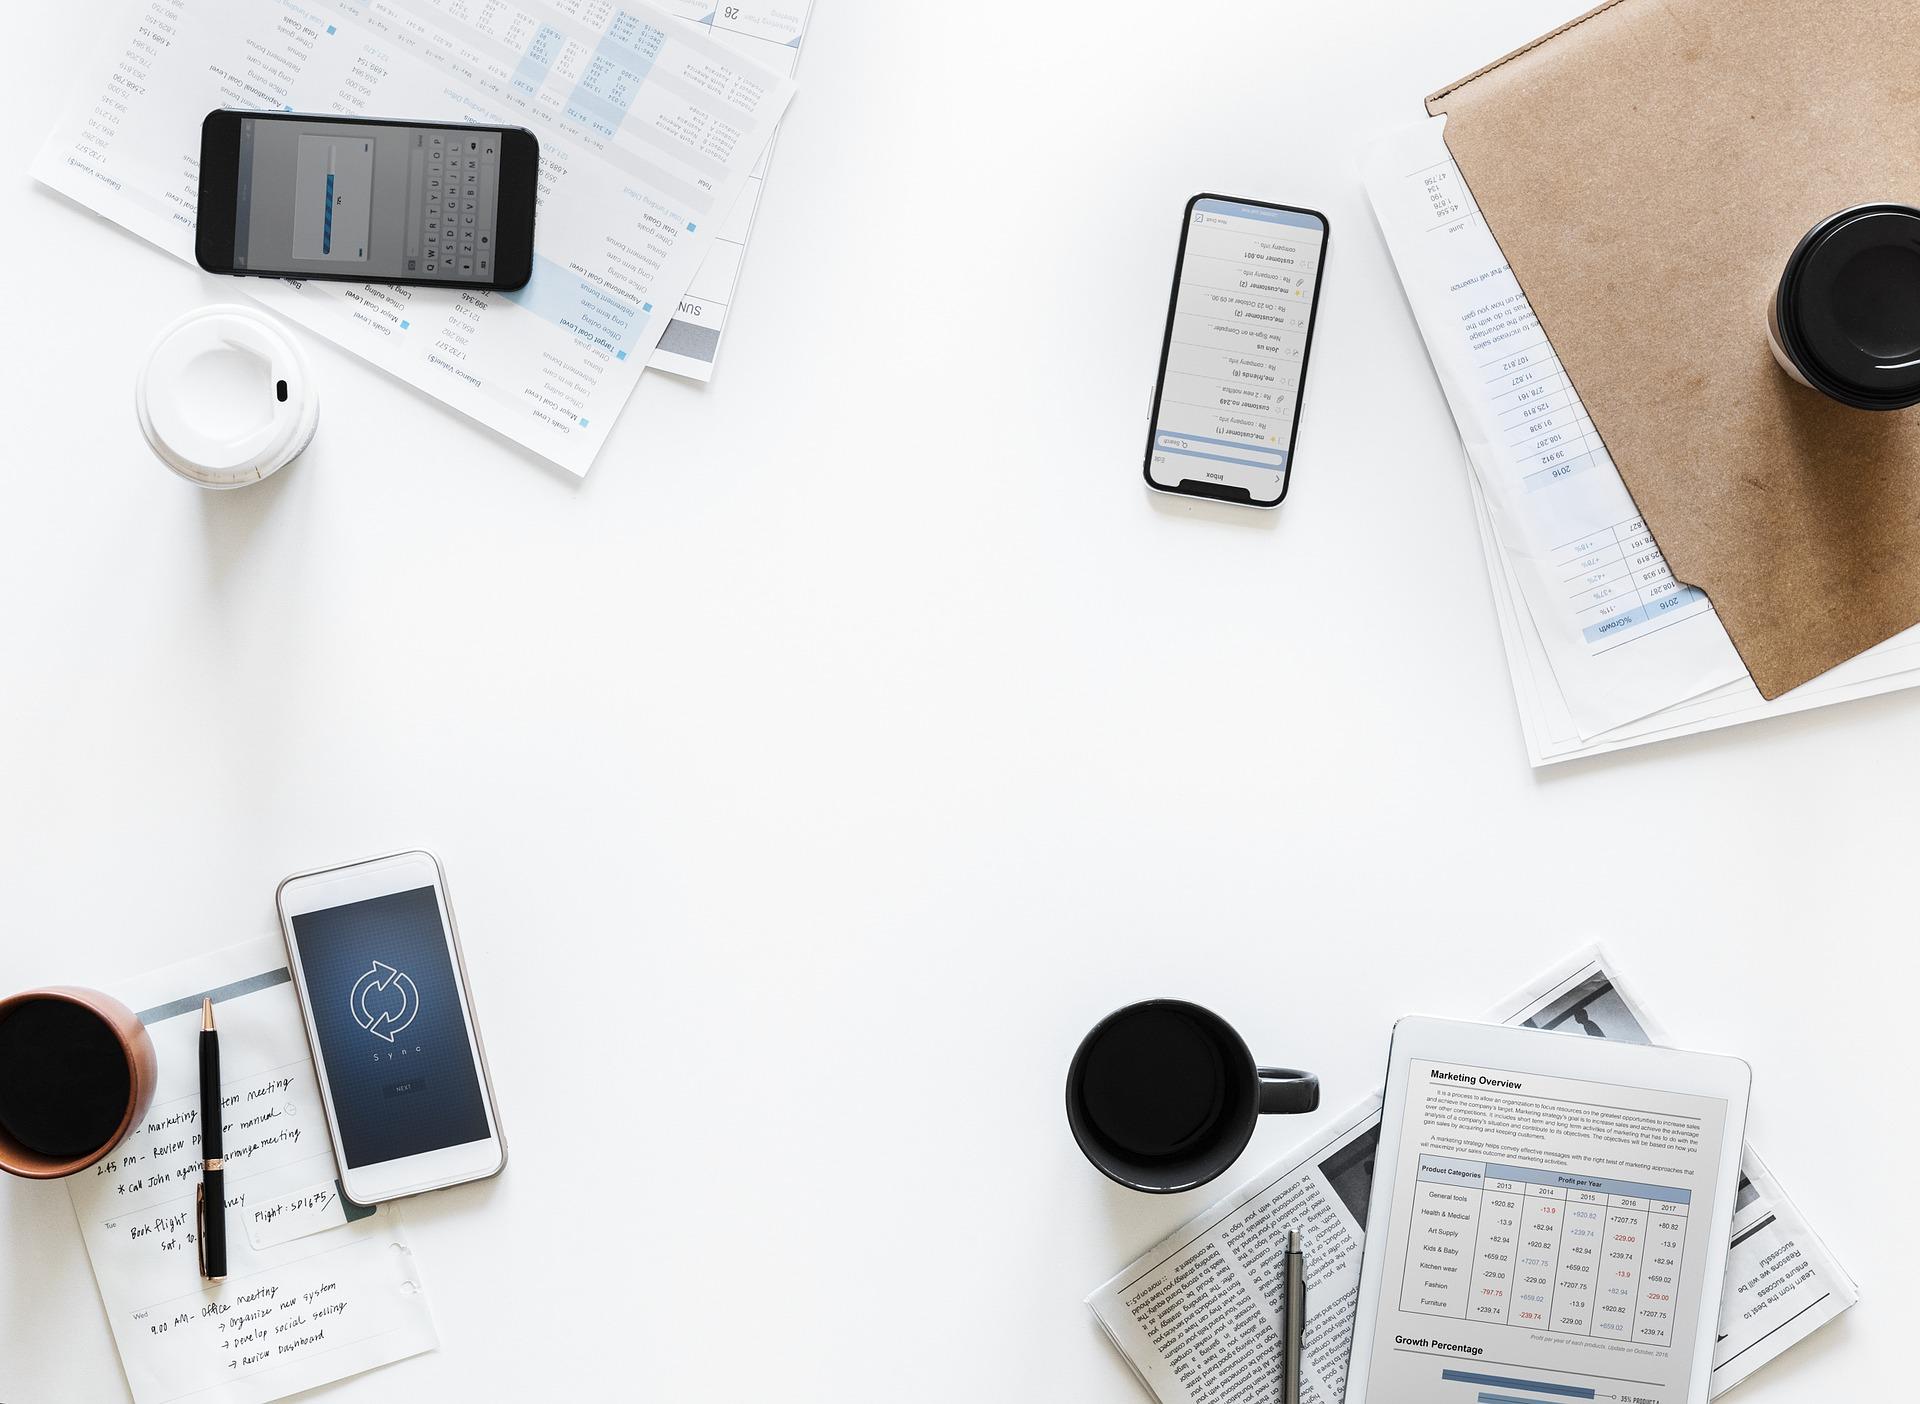 ブログのネタに何を書く? ブログとは日記である アクセス数や収入だけがブログではない